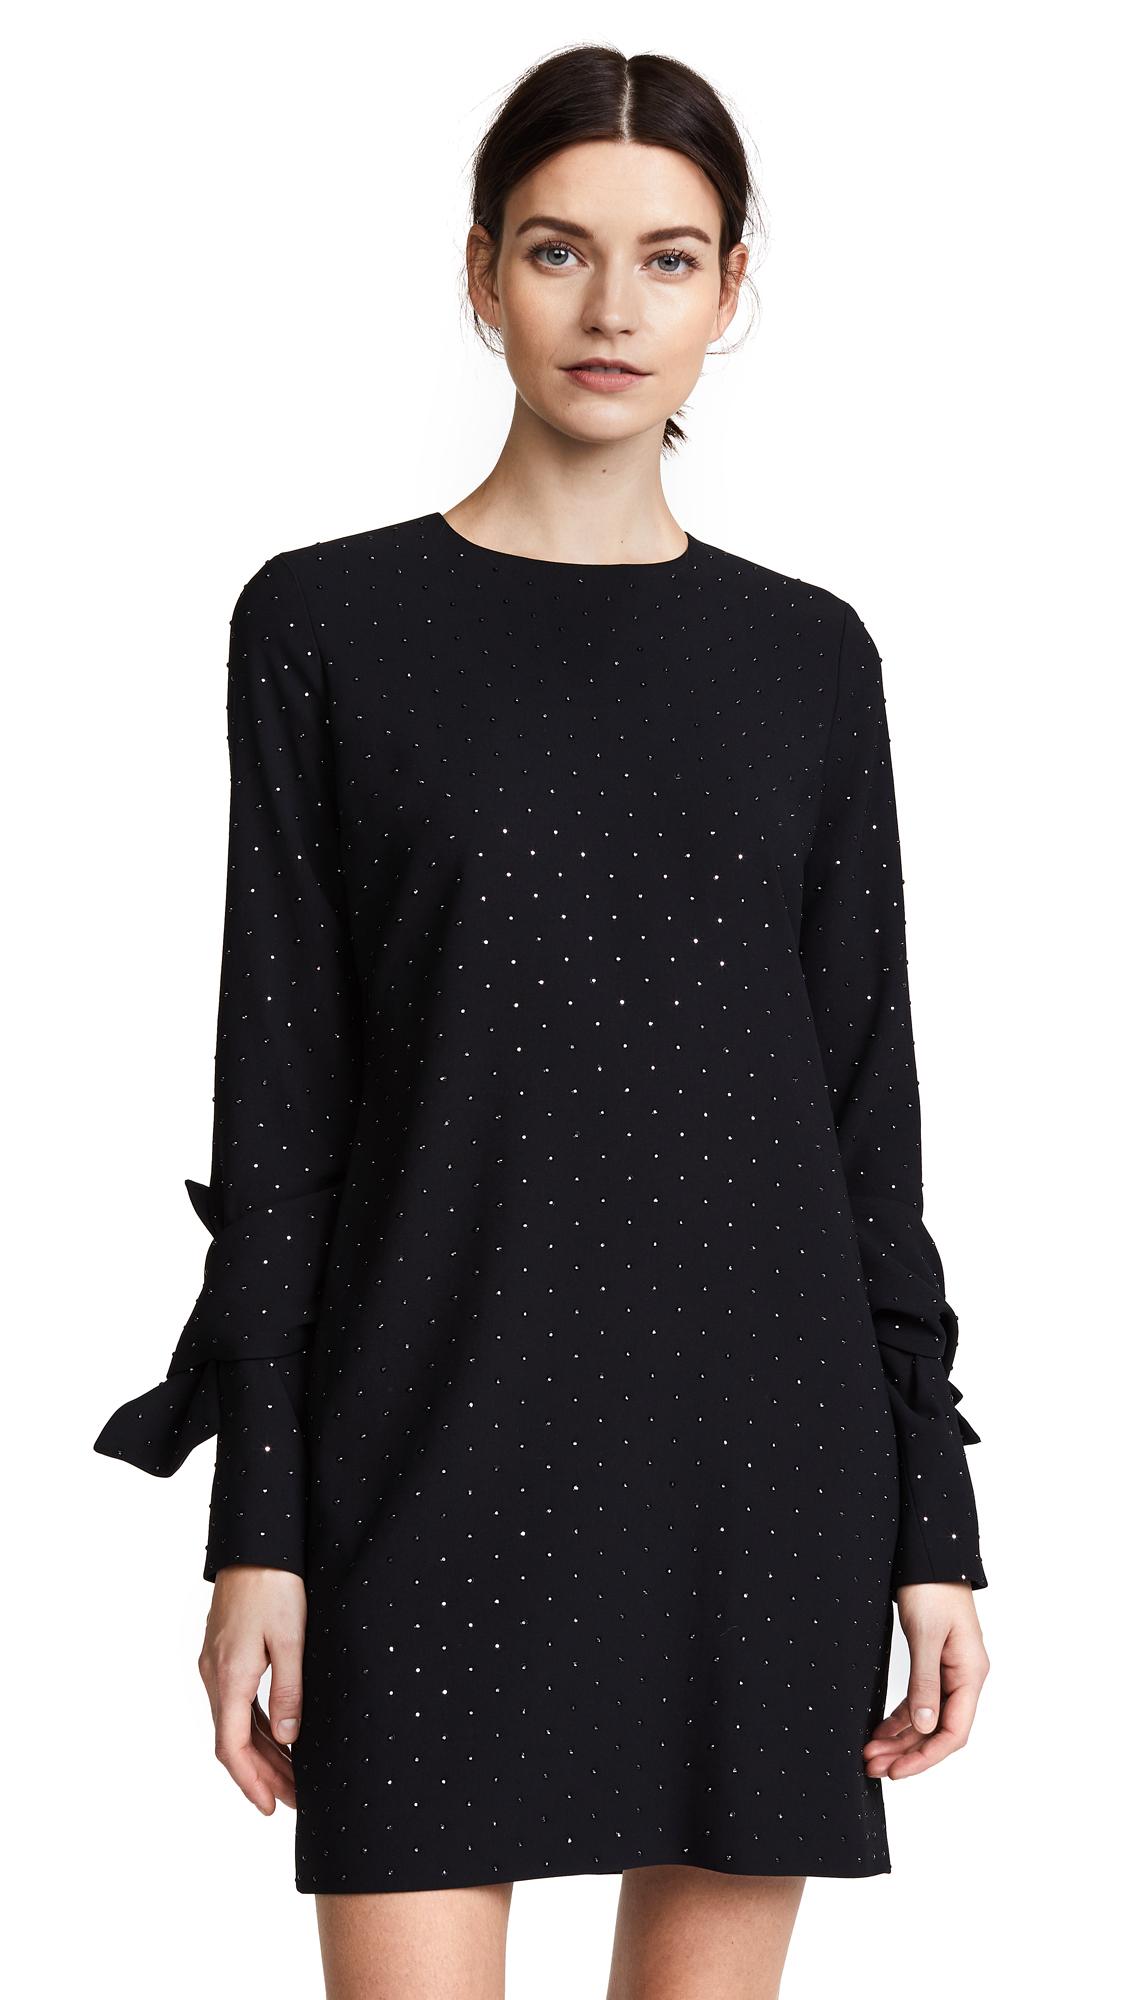 Victoria Victoria Beckham Twist Sleeve Shift Dress